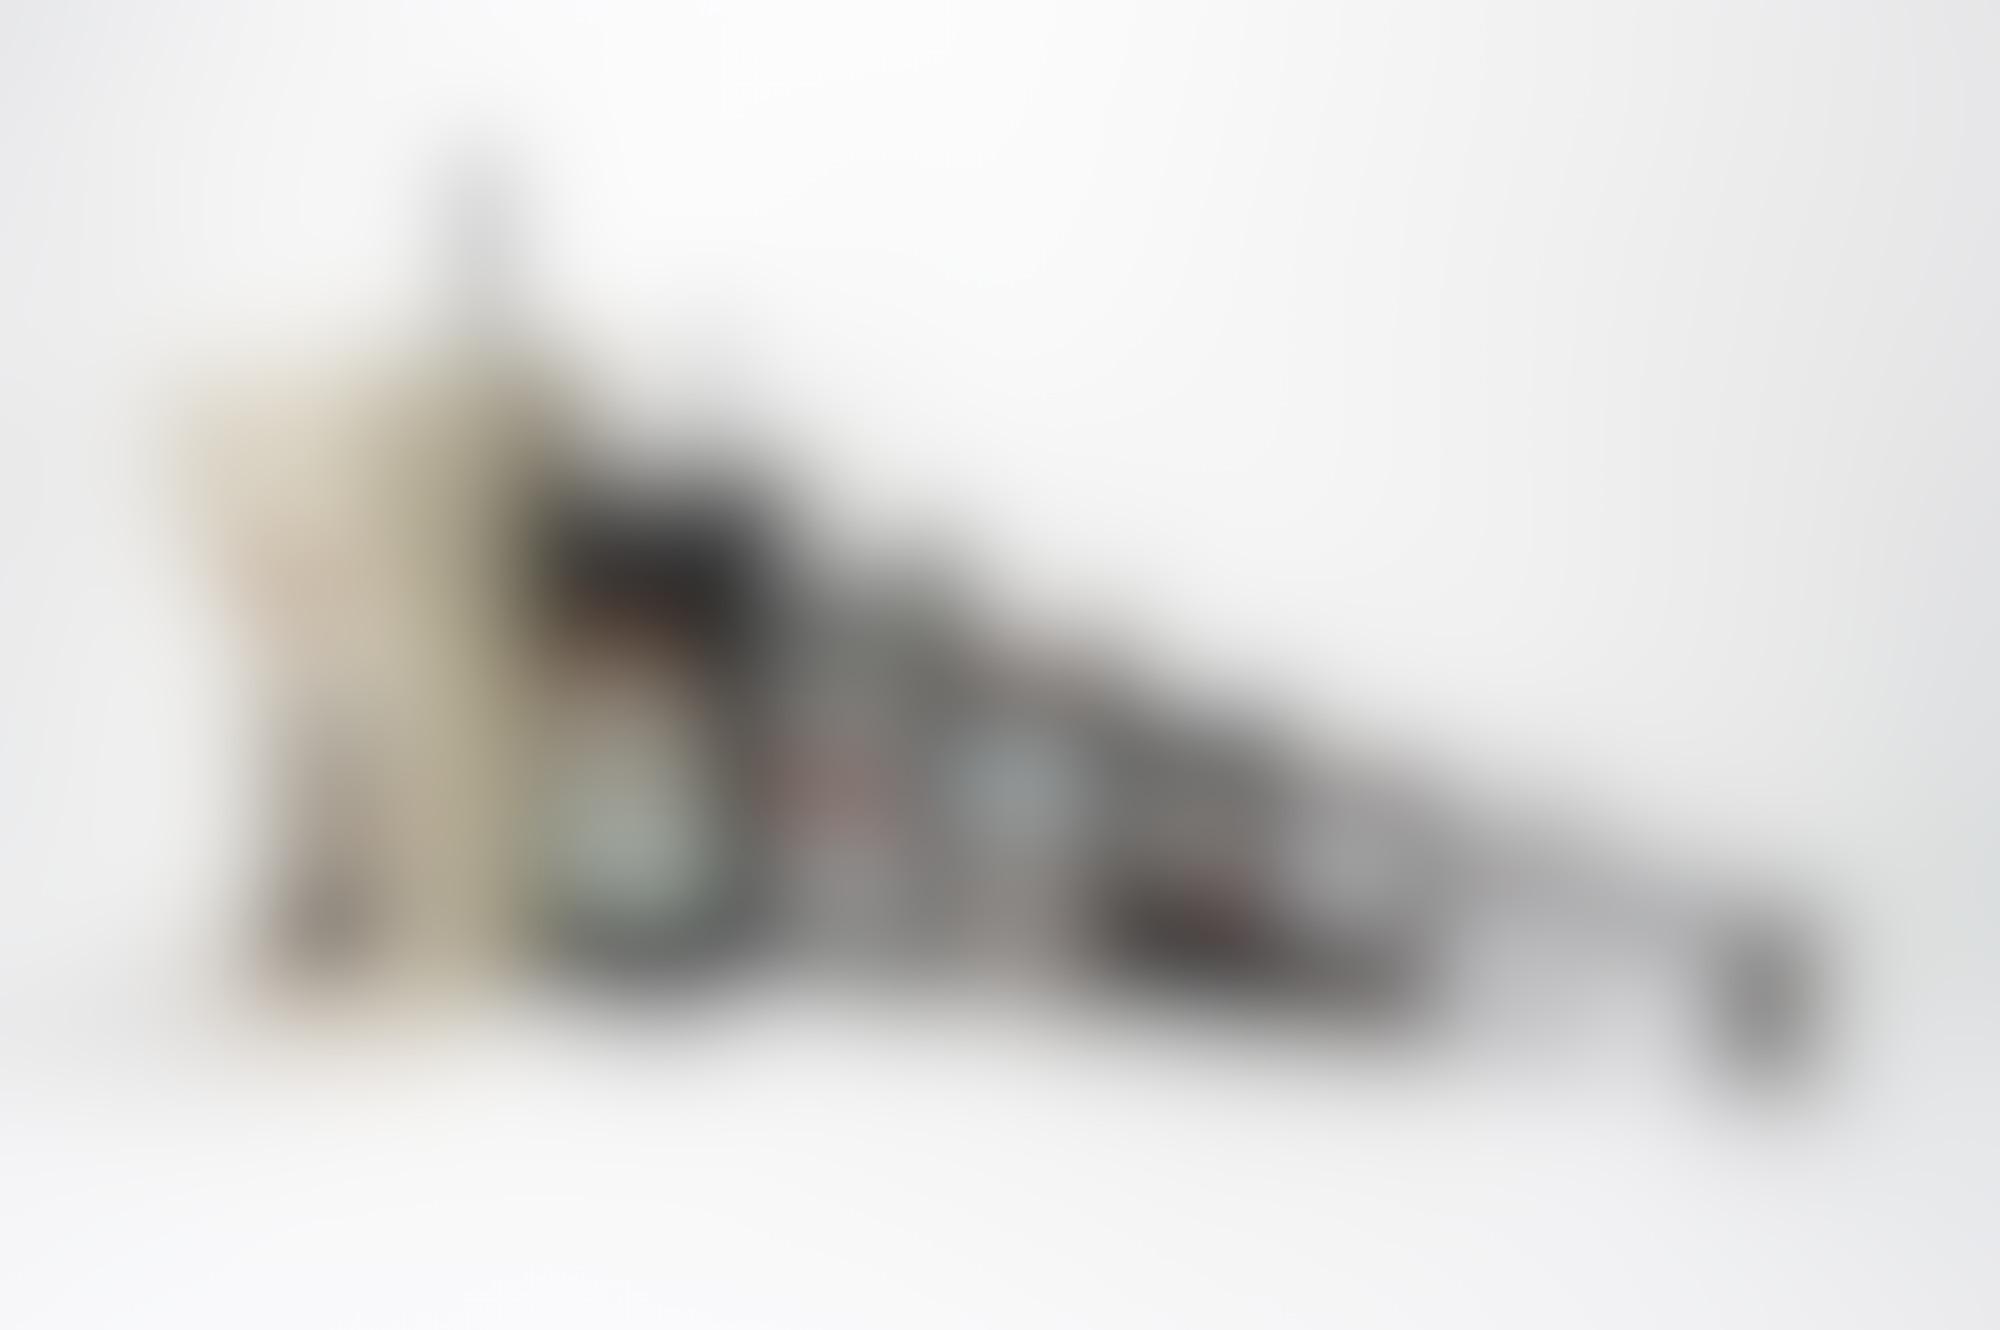 Mobile Evolution autocompressfitresizeixlibphp 1 1 0max h2000max w3 D2000q80sa1c4702a3e108083f211677c230744fd